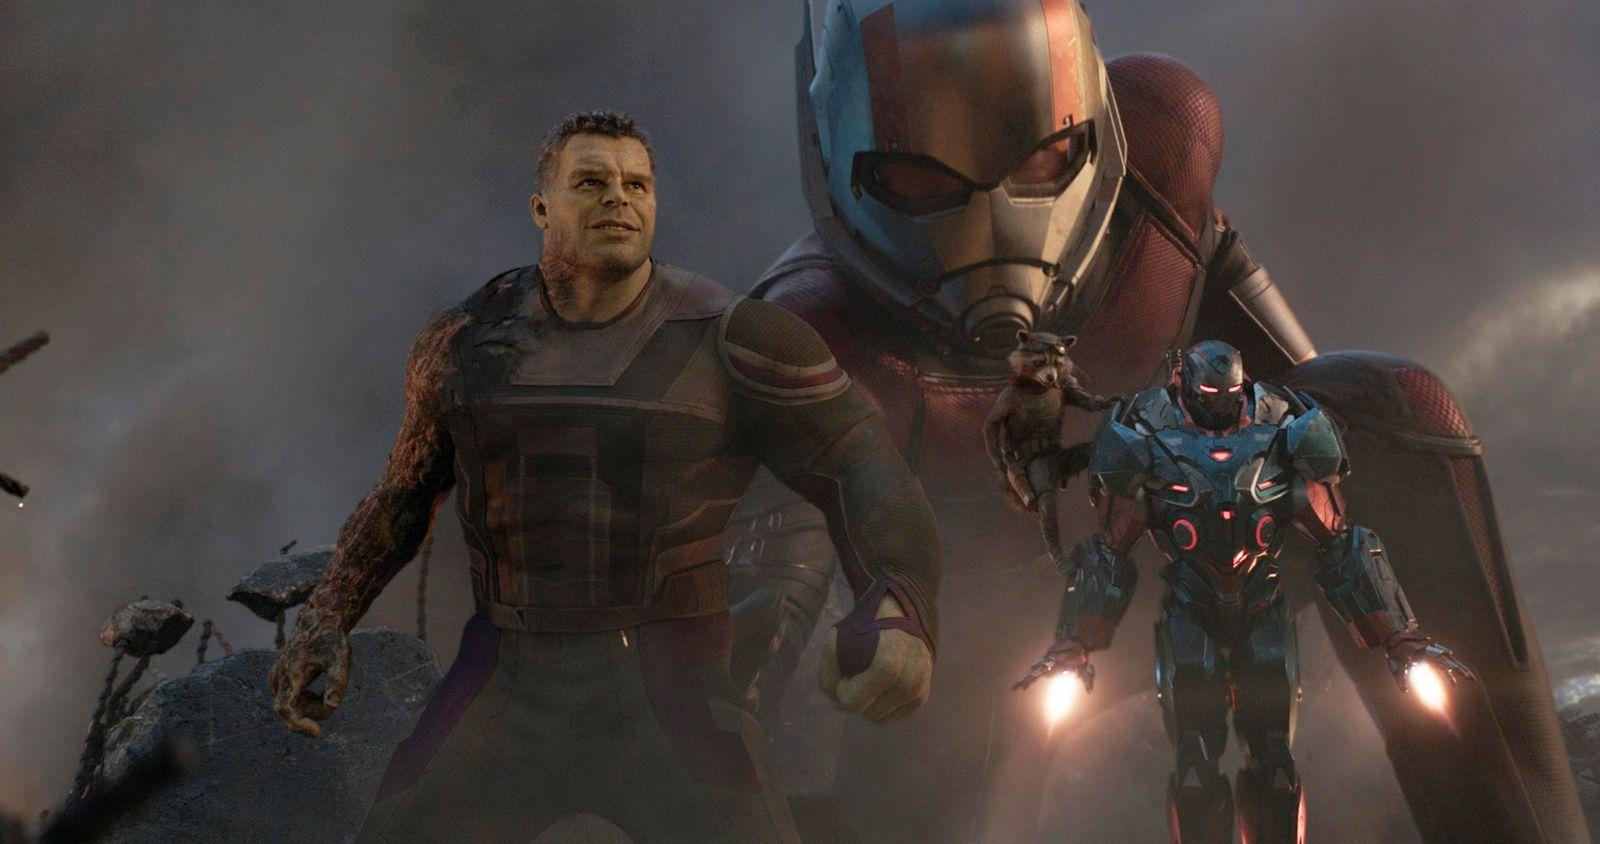 «Avengers:Endgame» kommt mit Bonusszenen in die Kinos